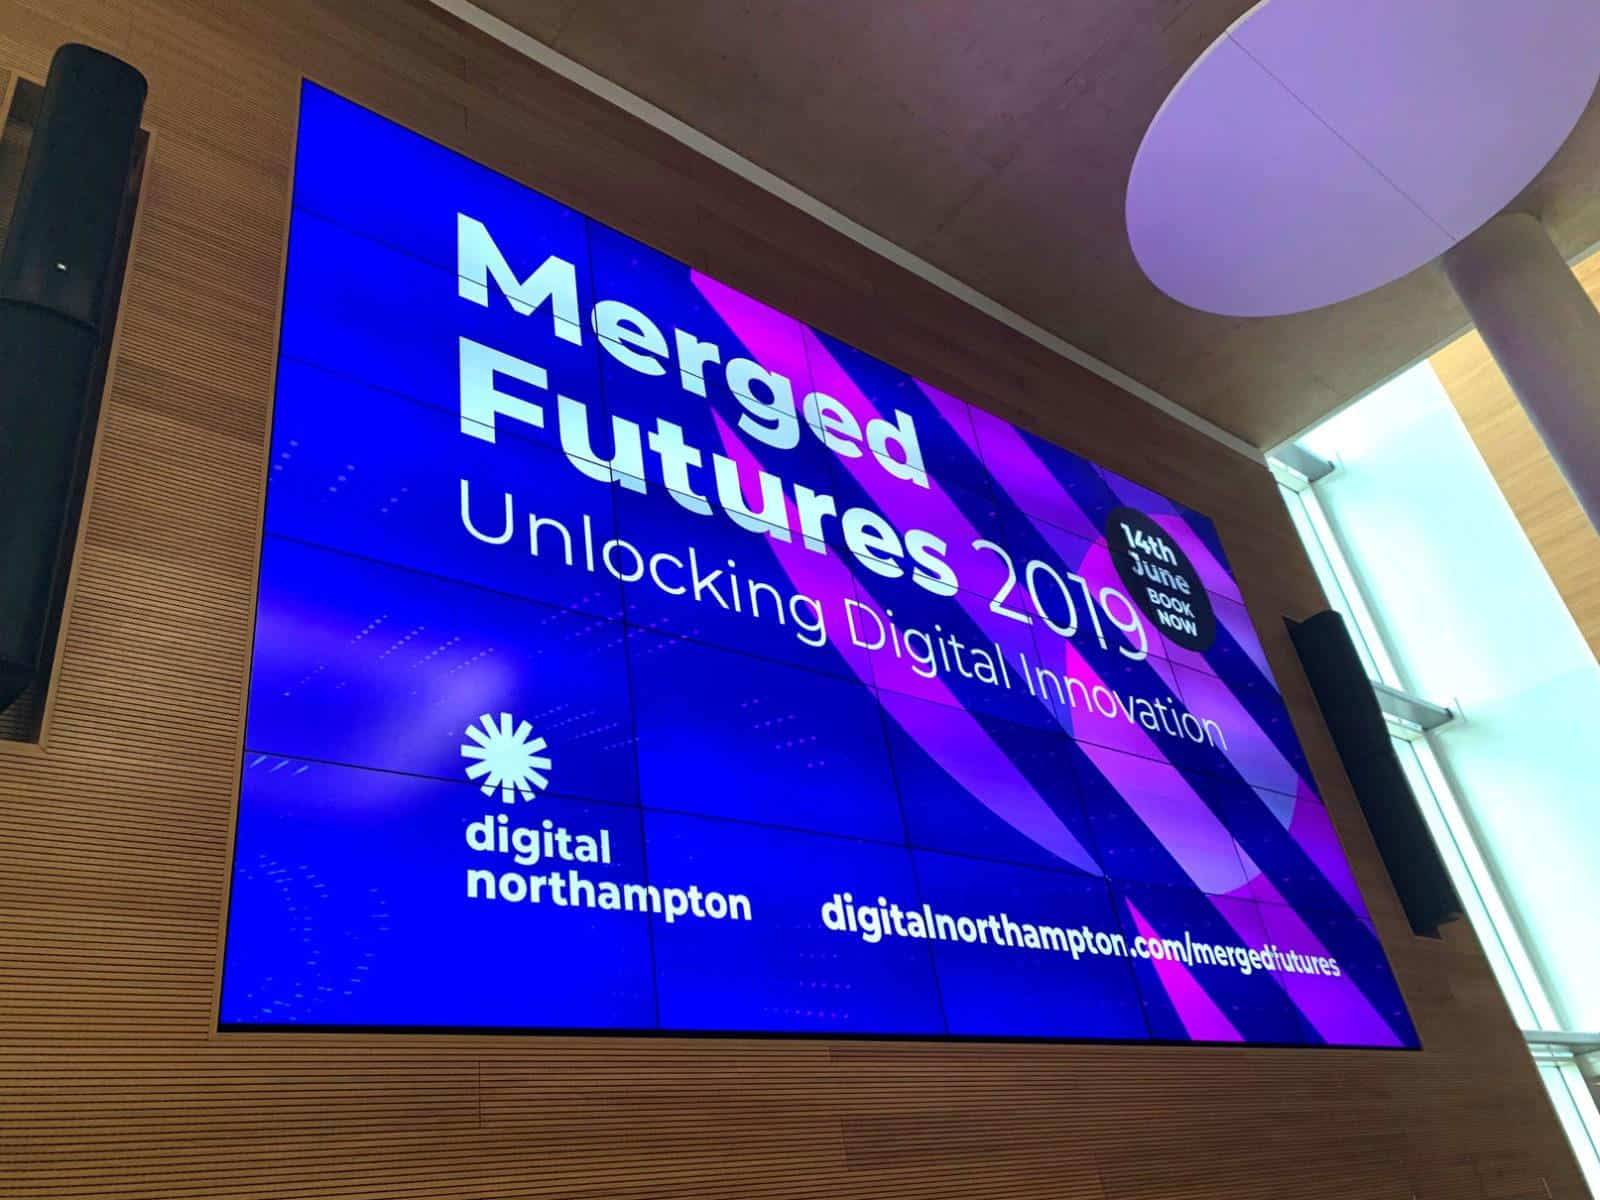 Digital innovation Northampton - Merged Futures